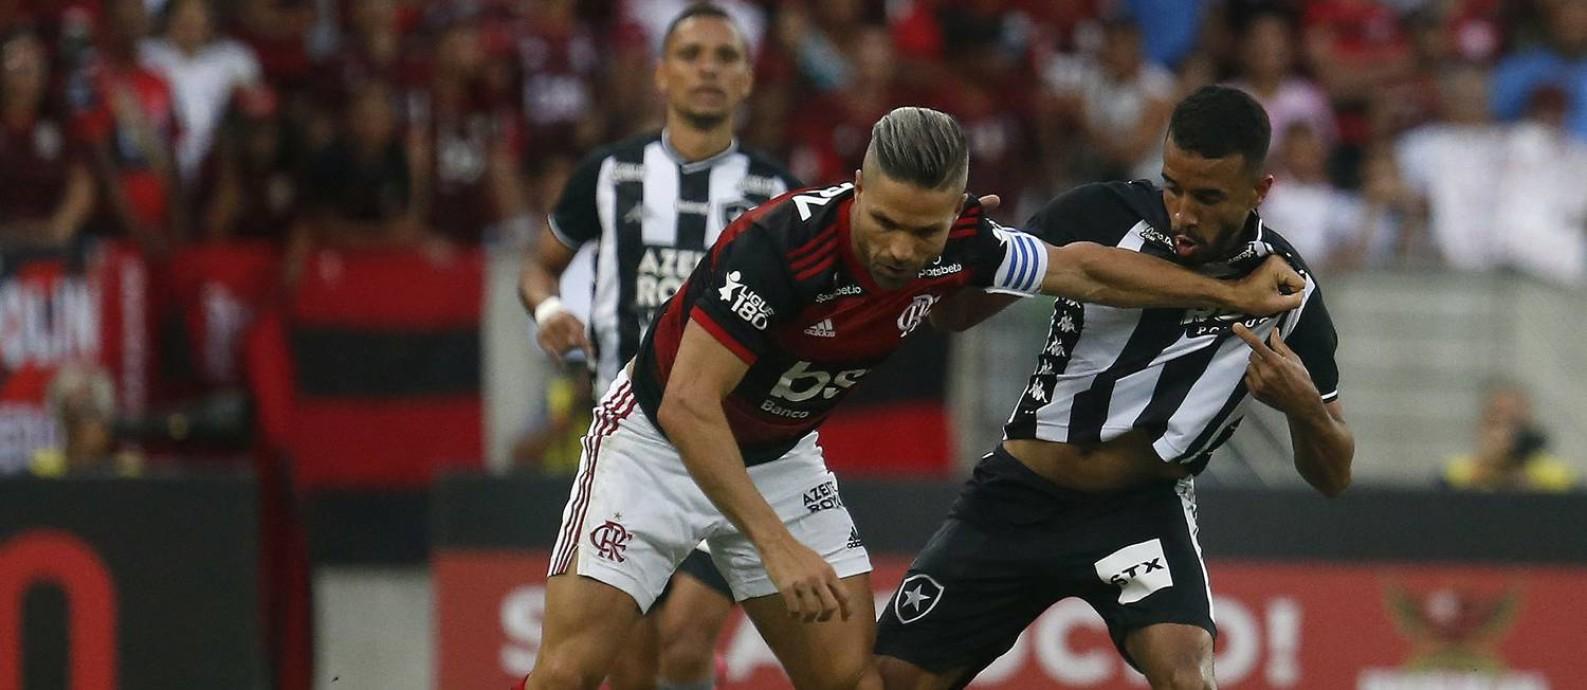 Flamengo, de Diego, e Botafogo representam opostos nas finanças Foto: Vitor_Silva / Vitor Silva/Botafogo